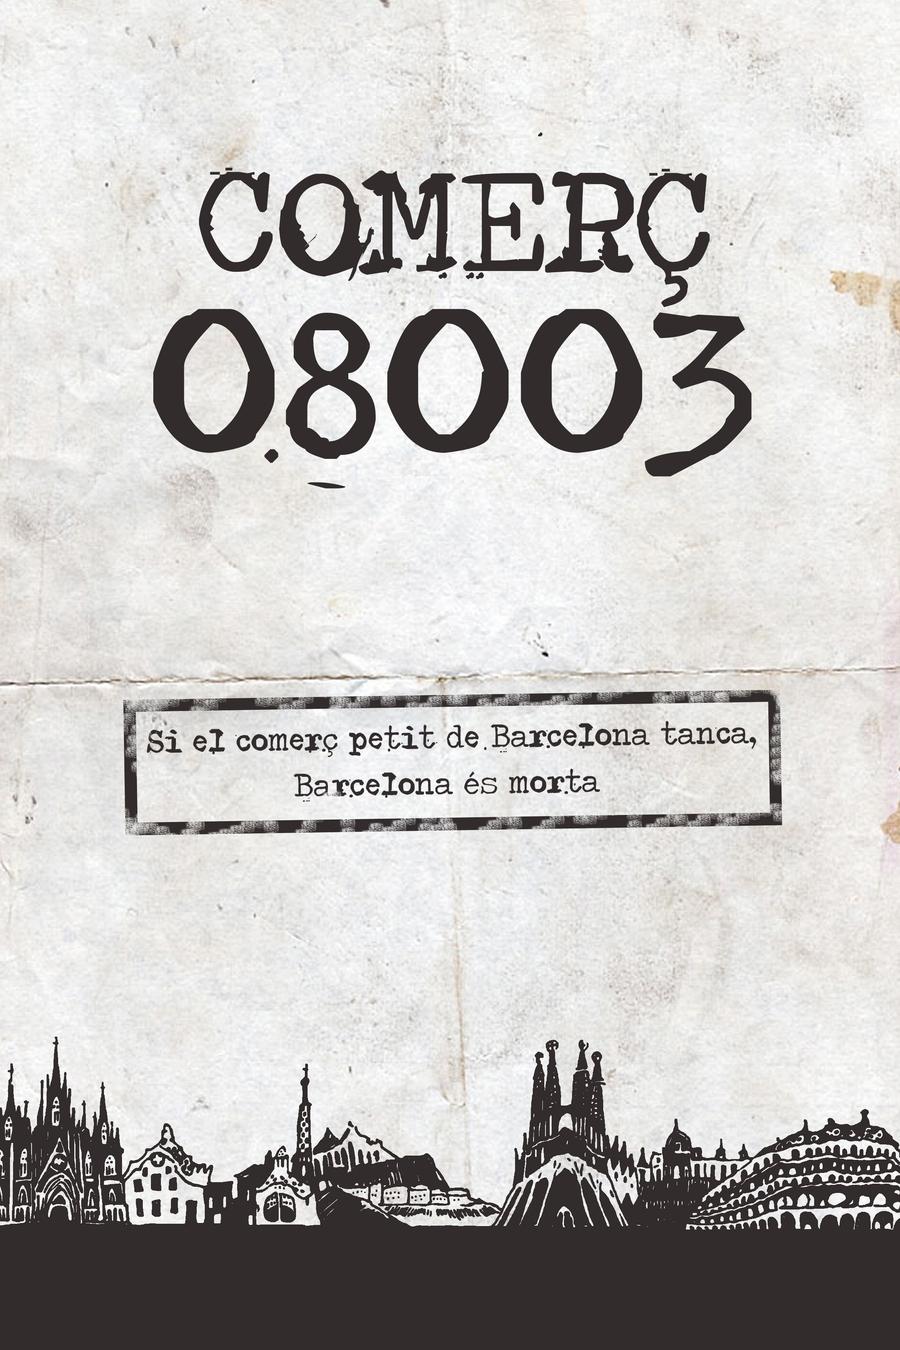 Comerç 08003